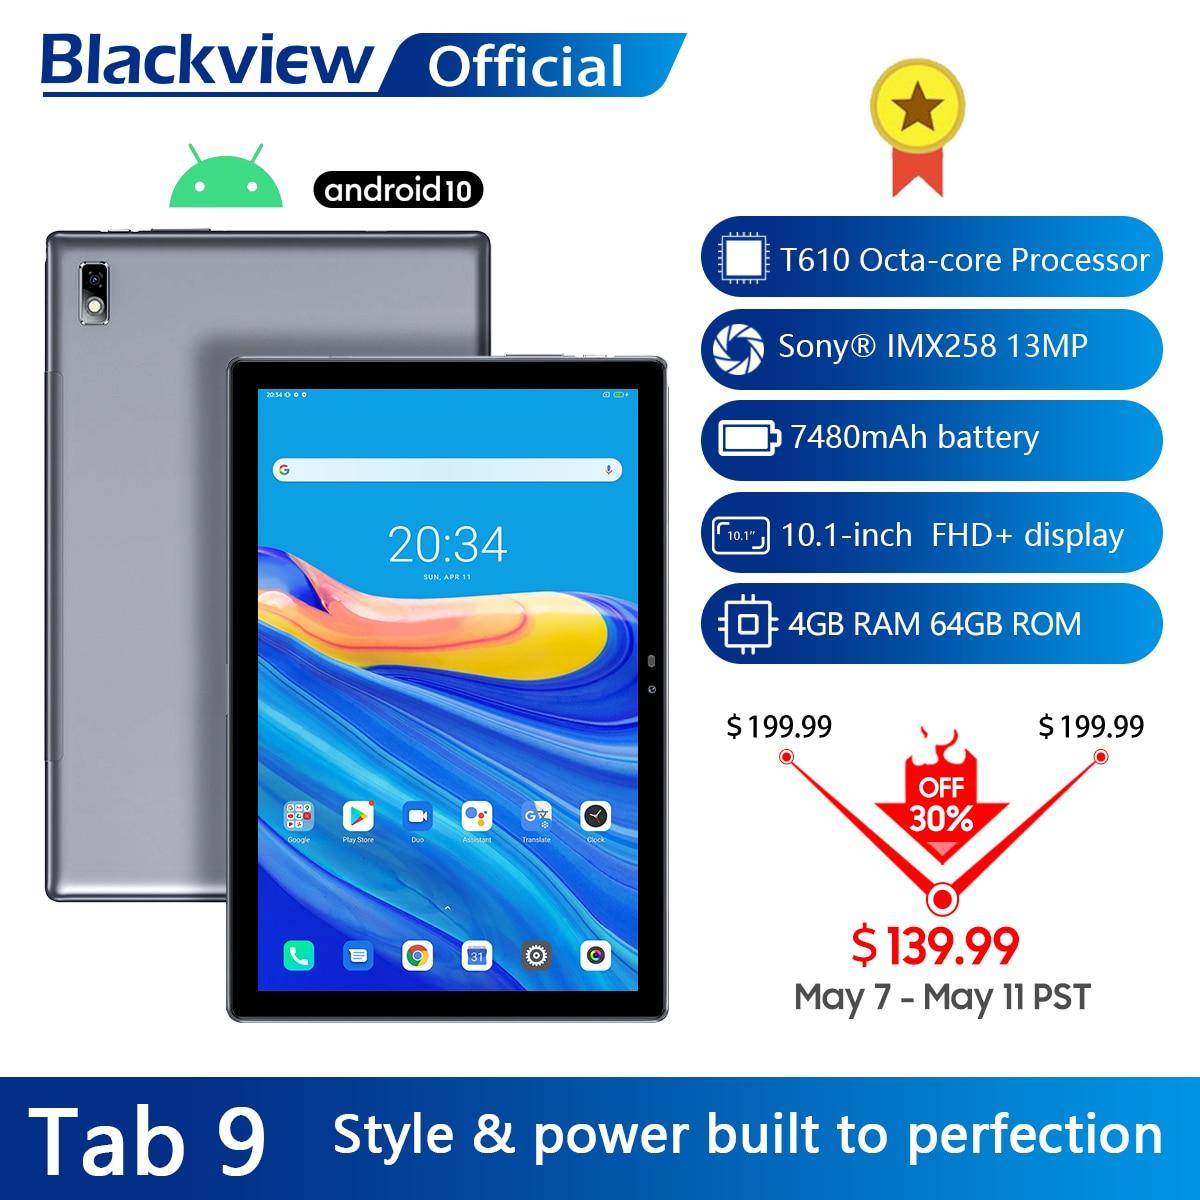 Blackview Tab 9 10.1